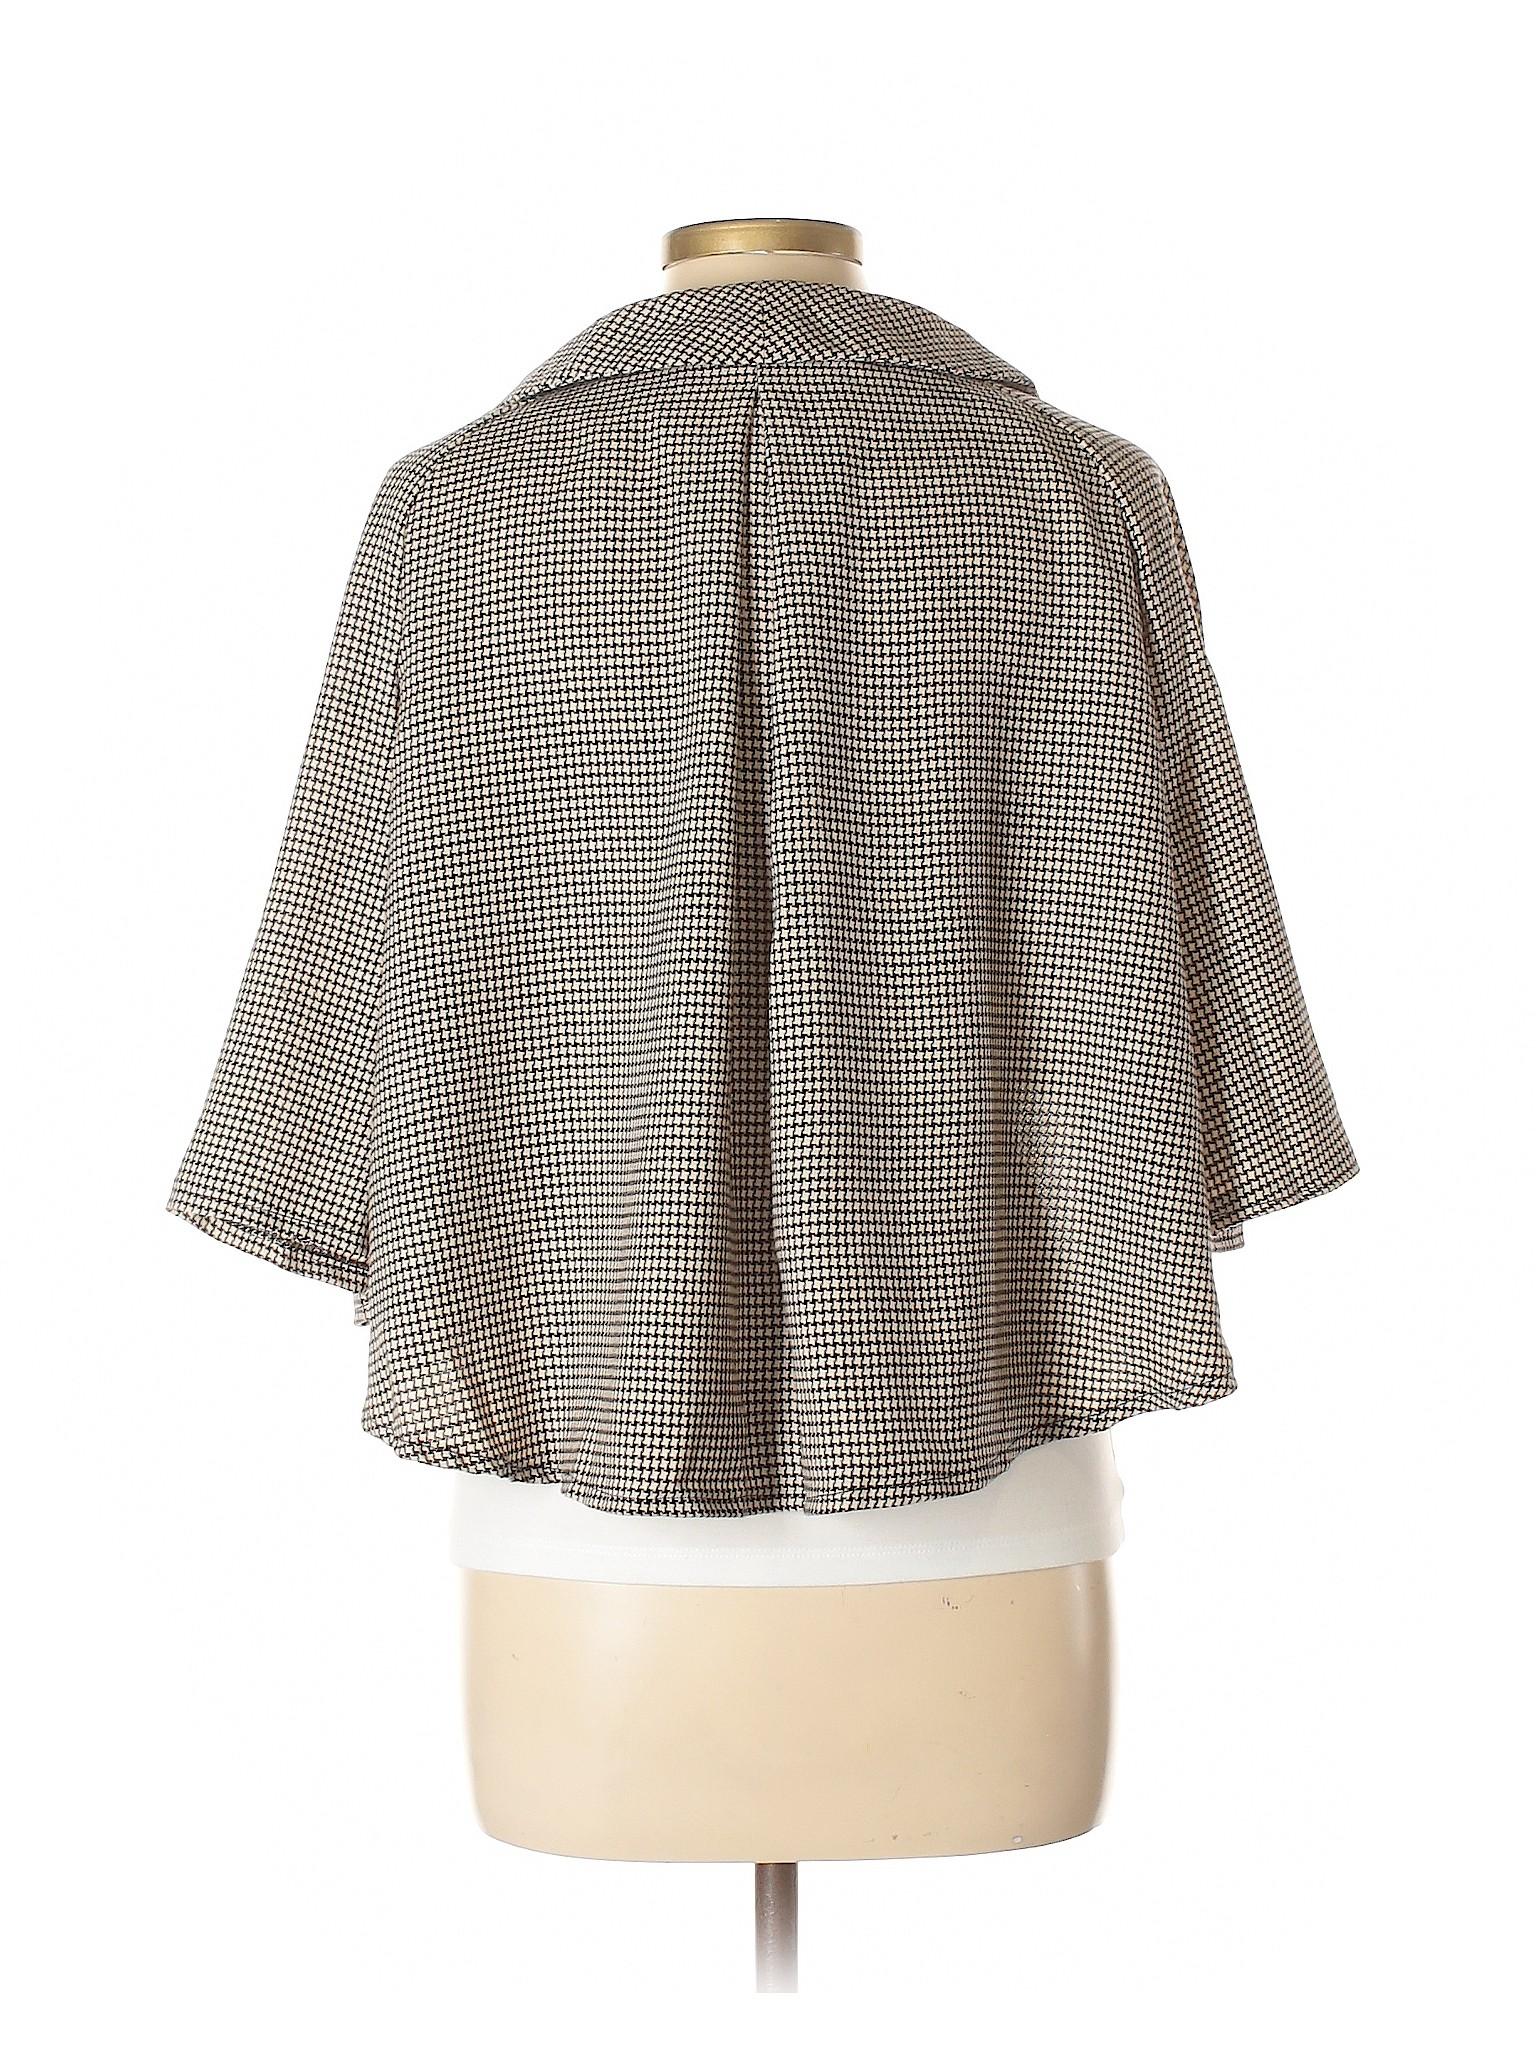 Wool Leisure Seeley Boutique Blazer Bri 18BnxTO